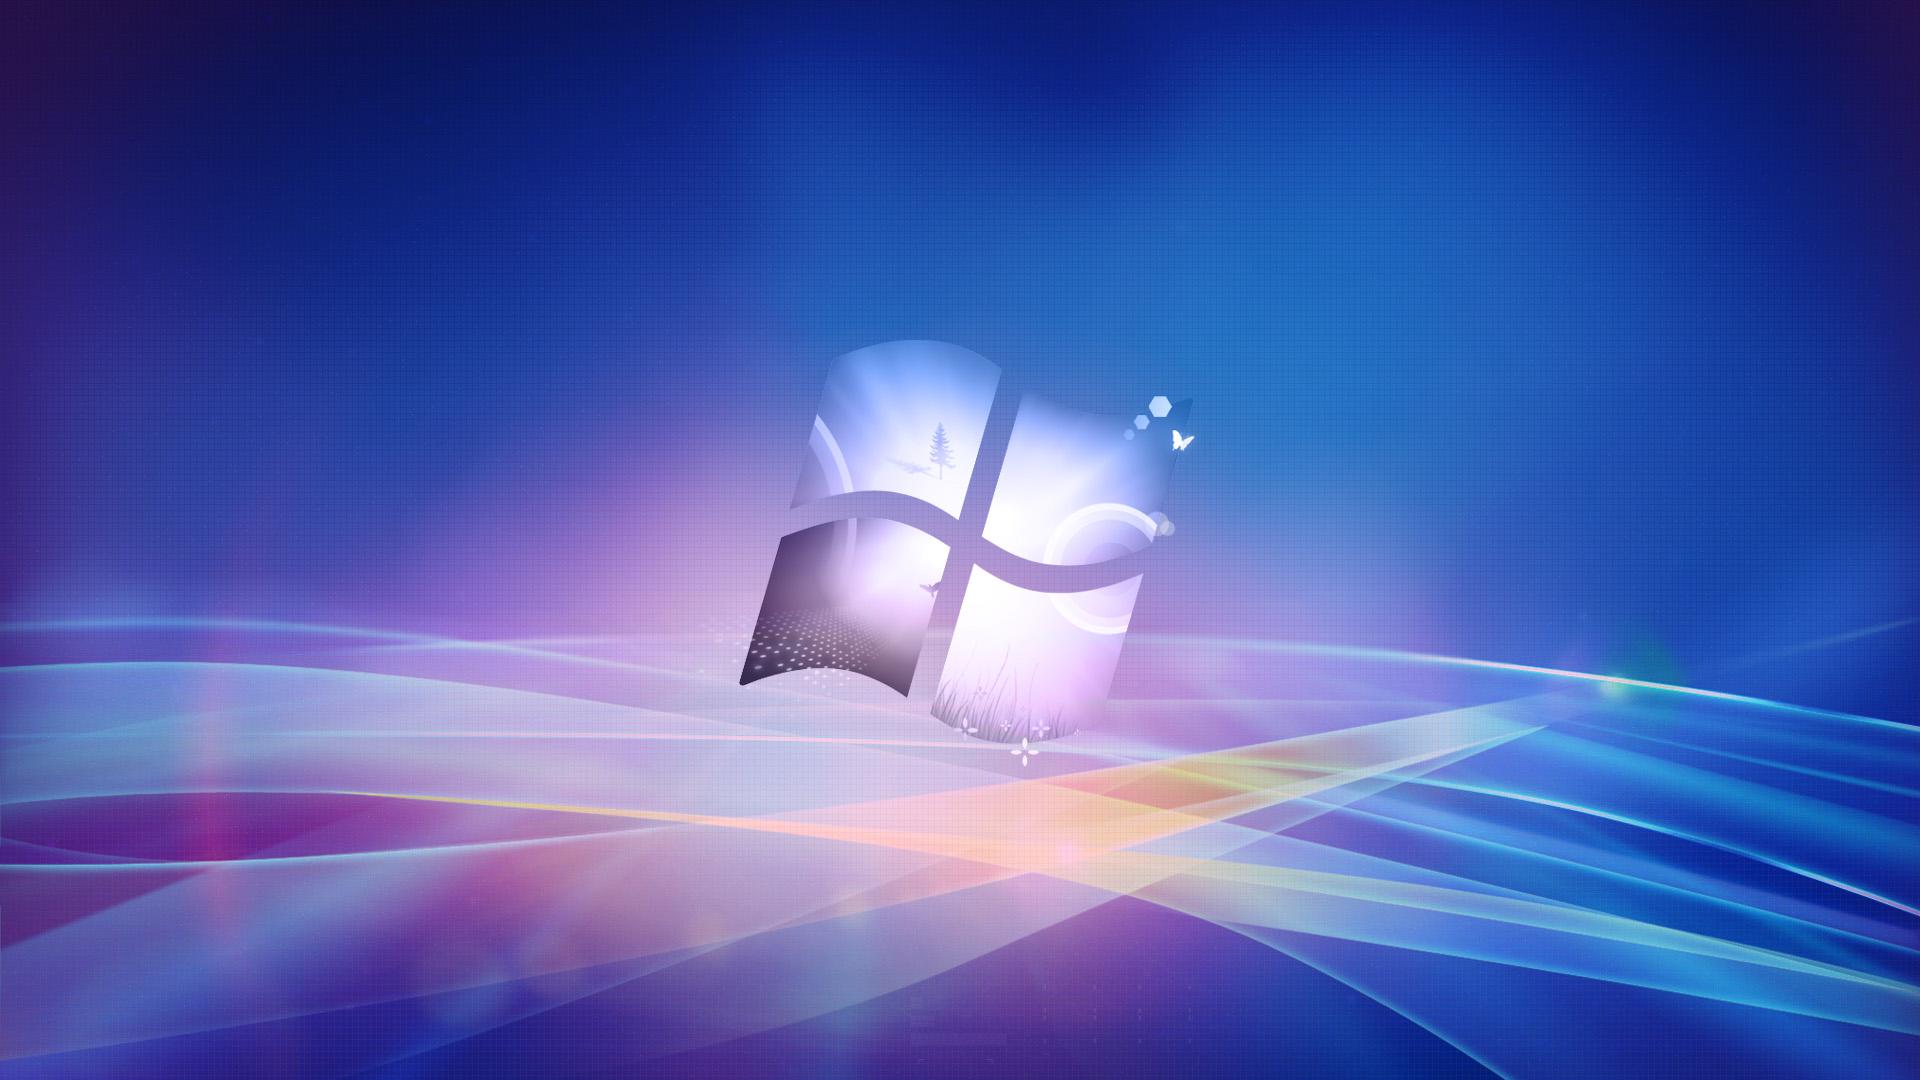 微软windows 9宽屏壁纸精美壁纸 高清壁纸 宽屏壁纸 简约壁纸 经典壁图片